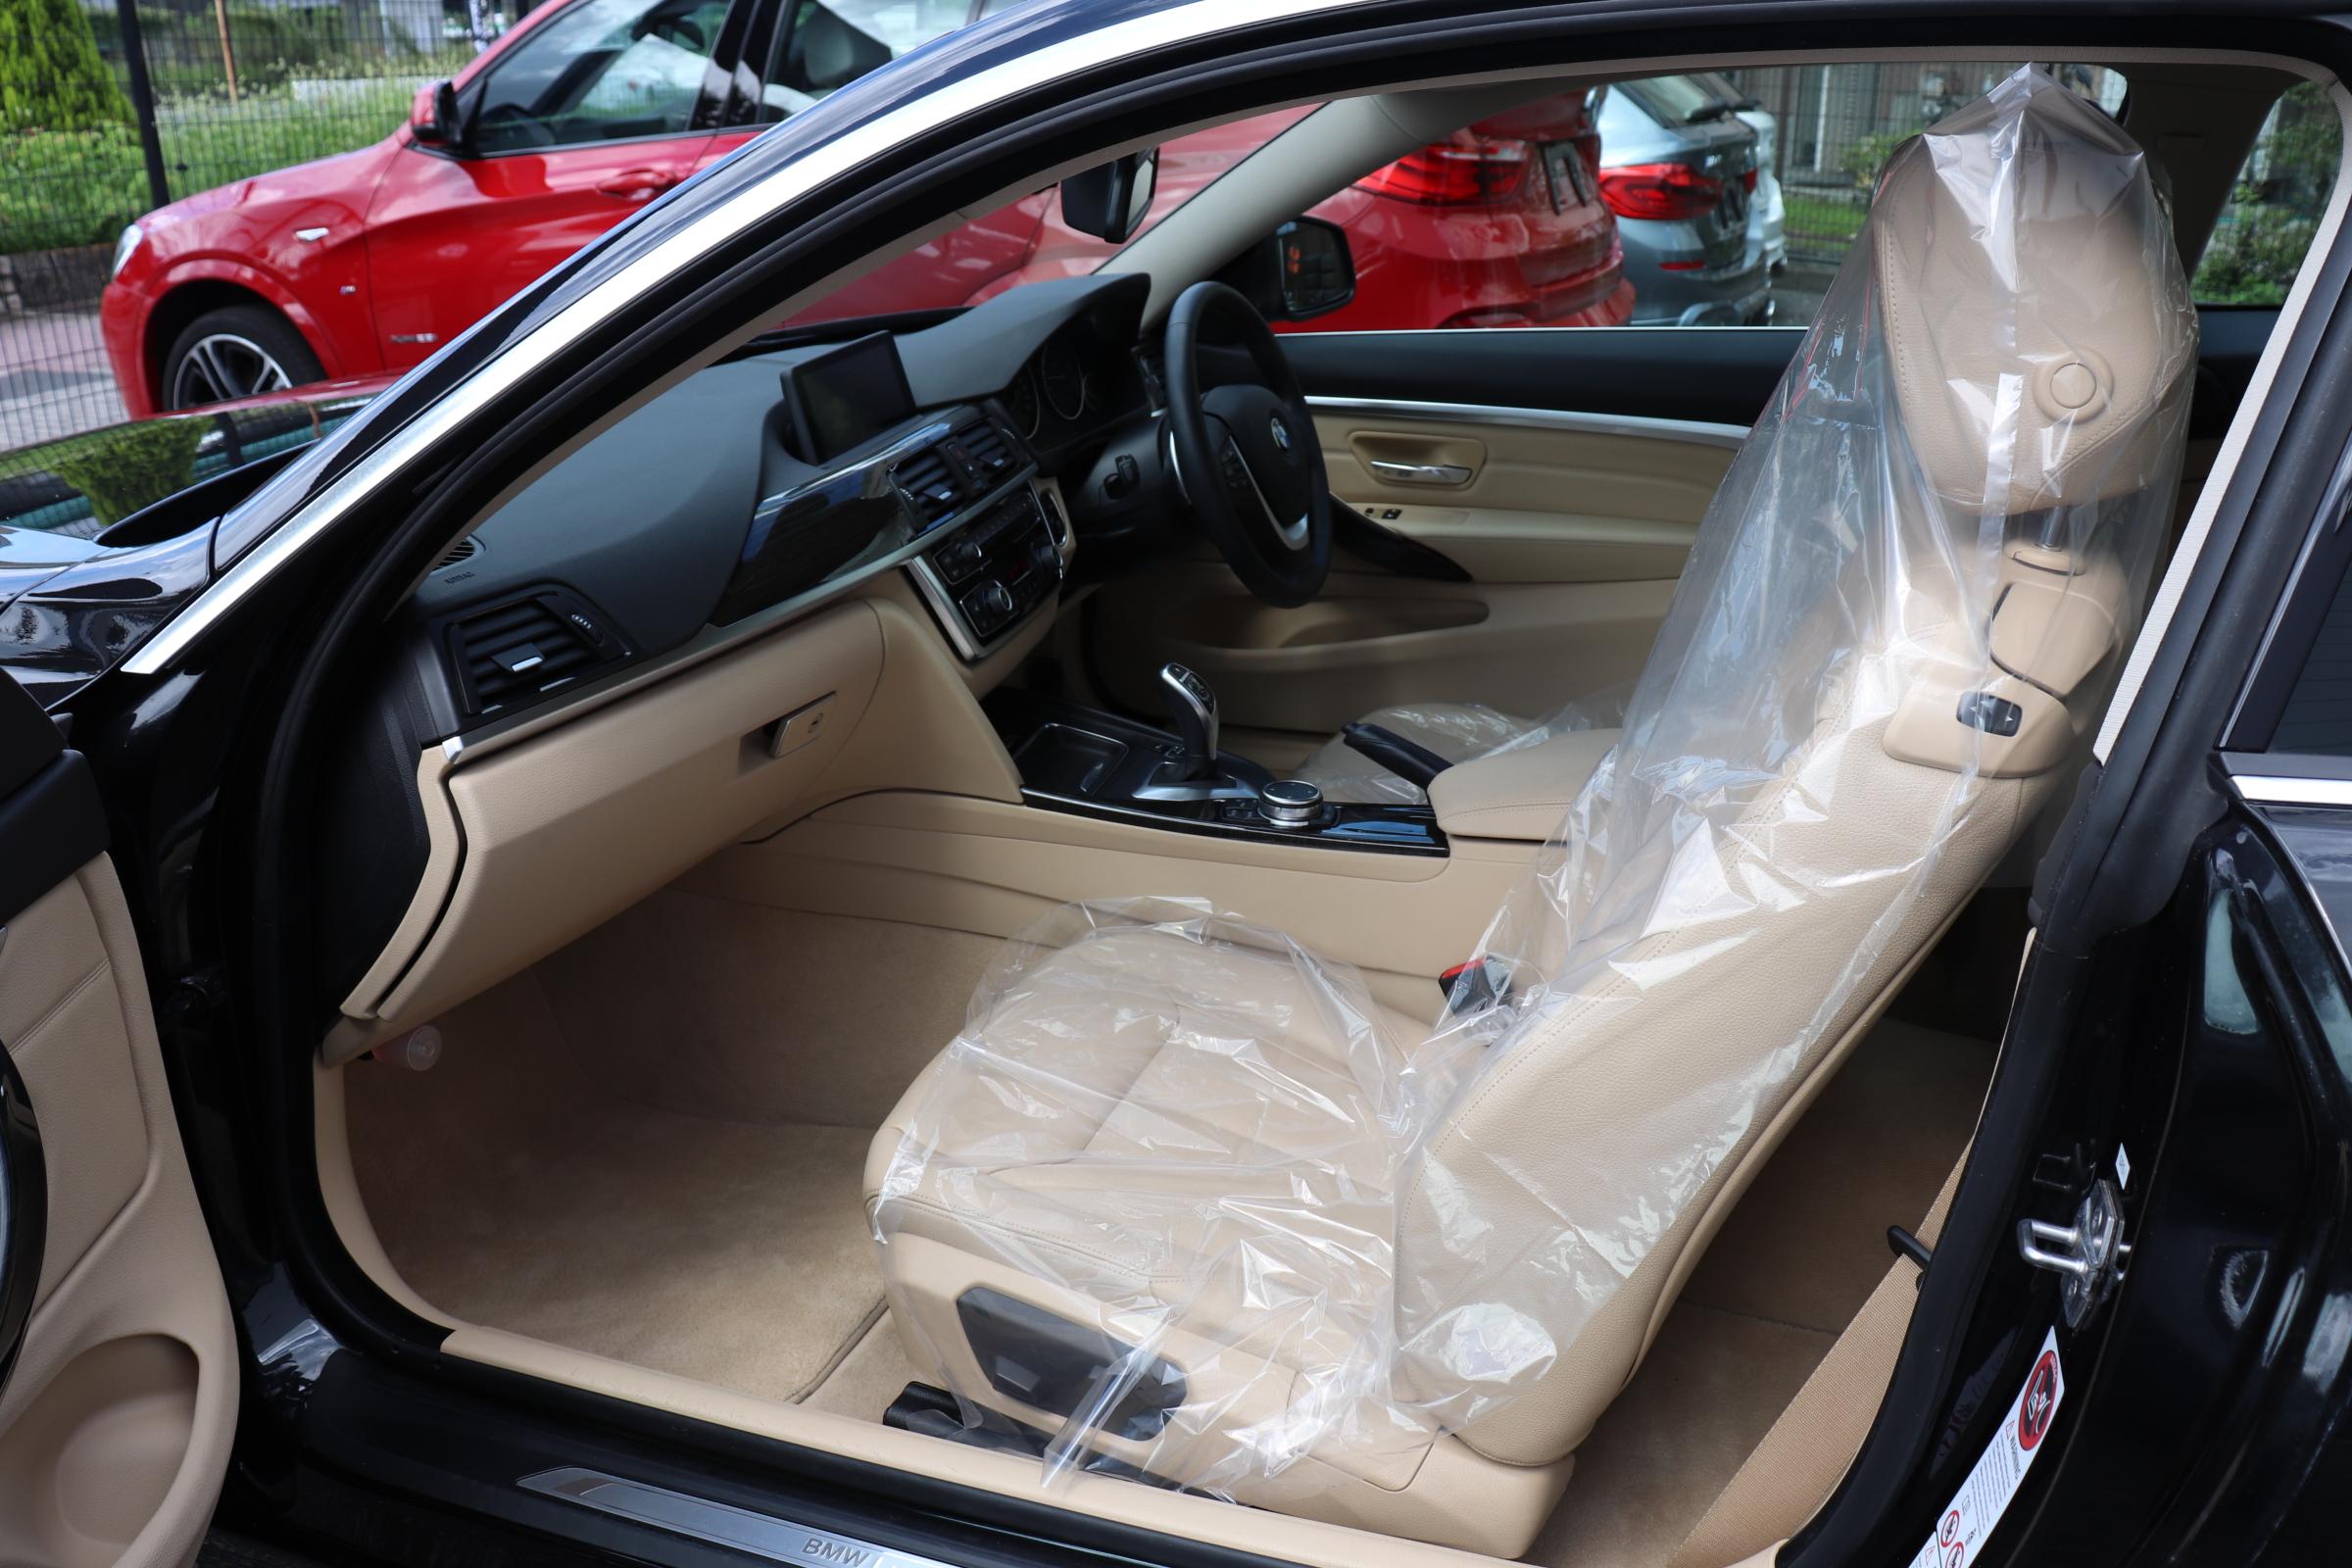 420iクーペラグジュアリーBEAMコンプリートカー LEDヘッドライト 淡革 ACC車両画像12